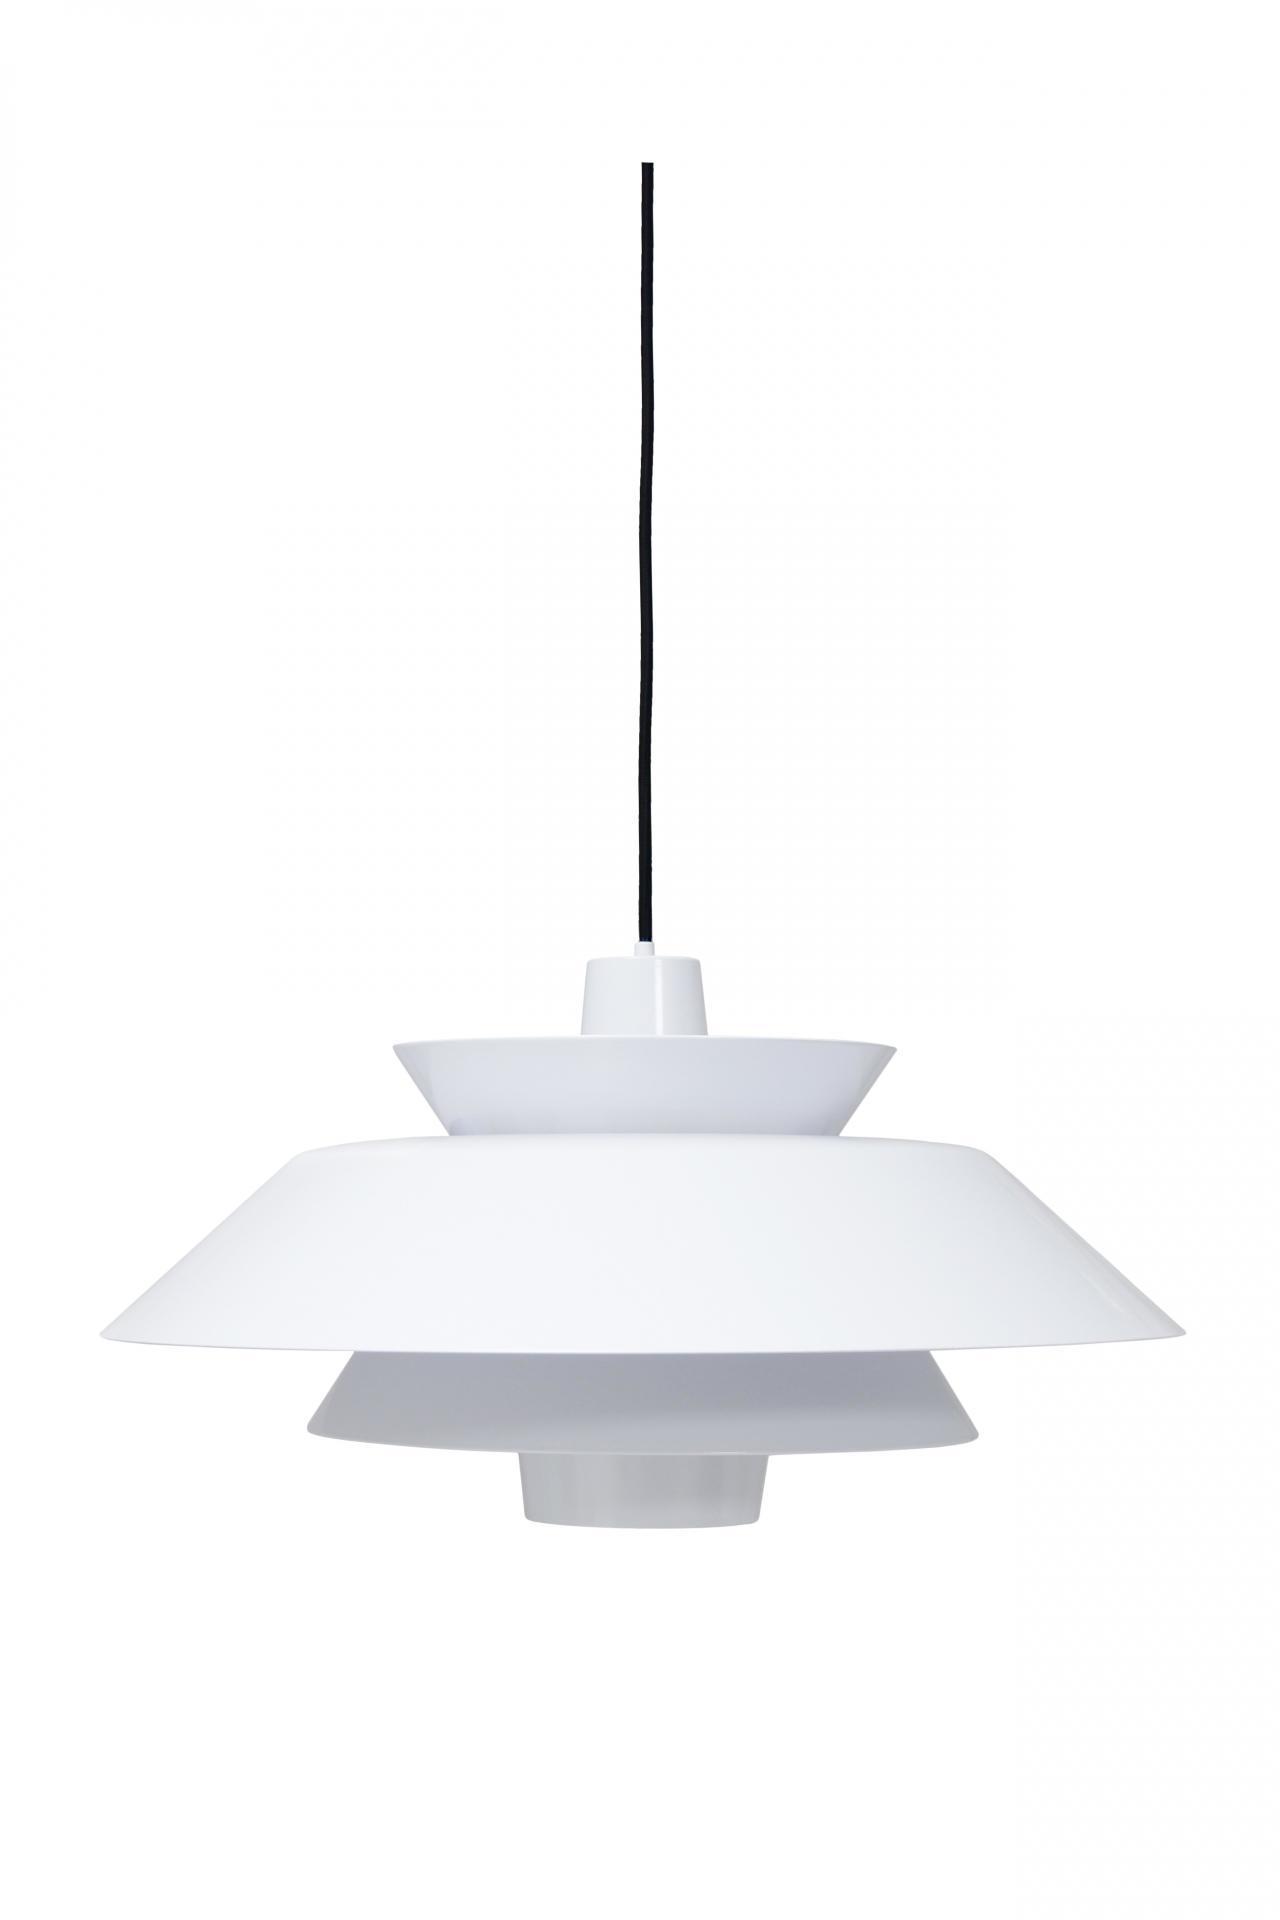 HK living Stropní lampa Lounge White, bílá barva, kov